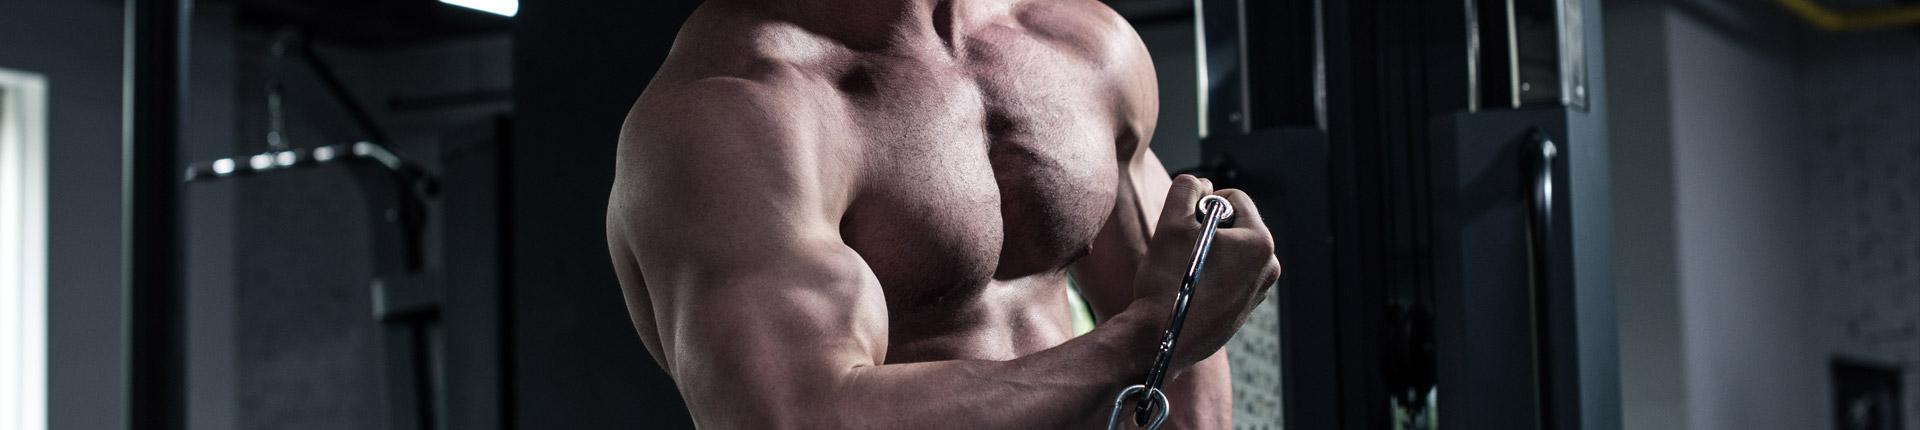 Kolejność wykonywania ćwiczeń a rozwój mięśni